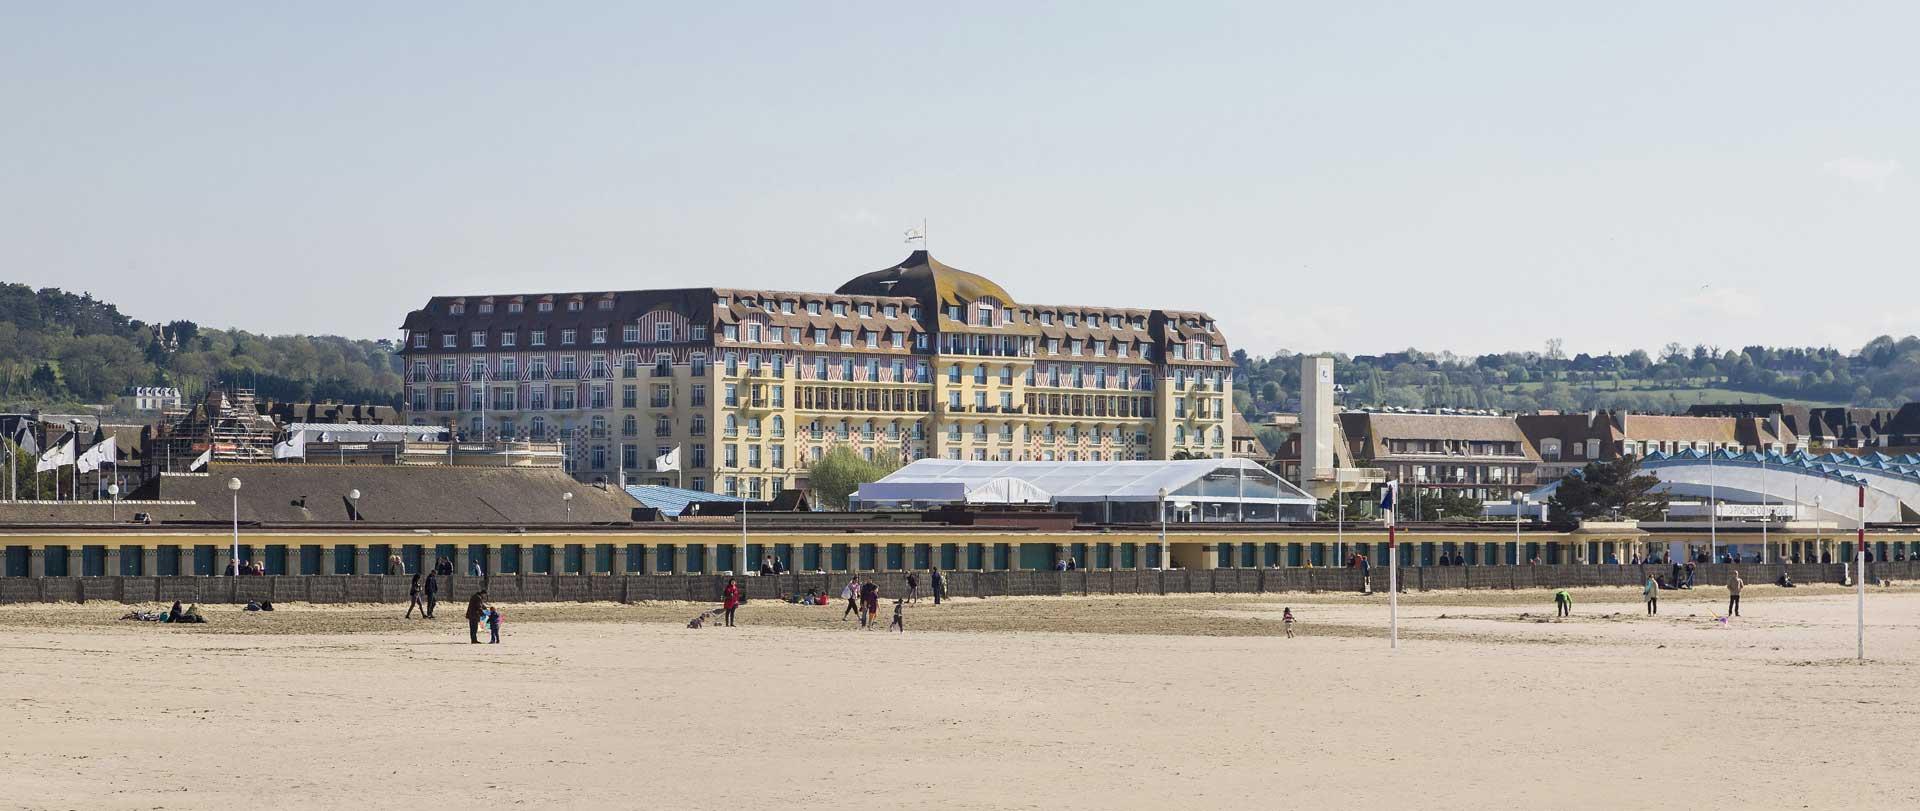 Hôtel Le Royal à Deauville